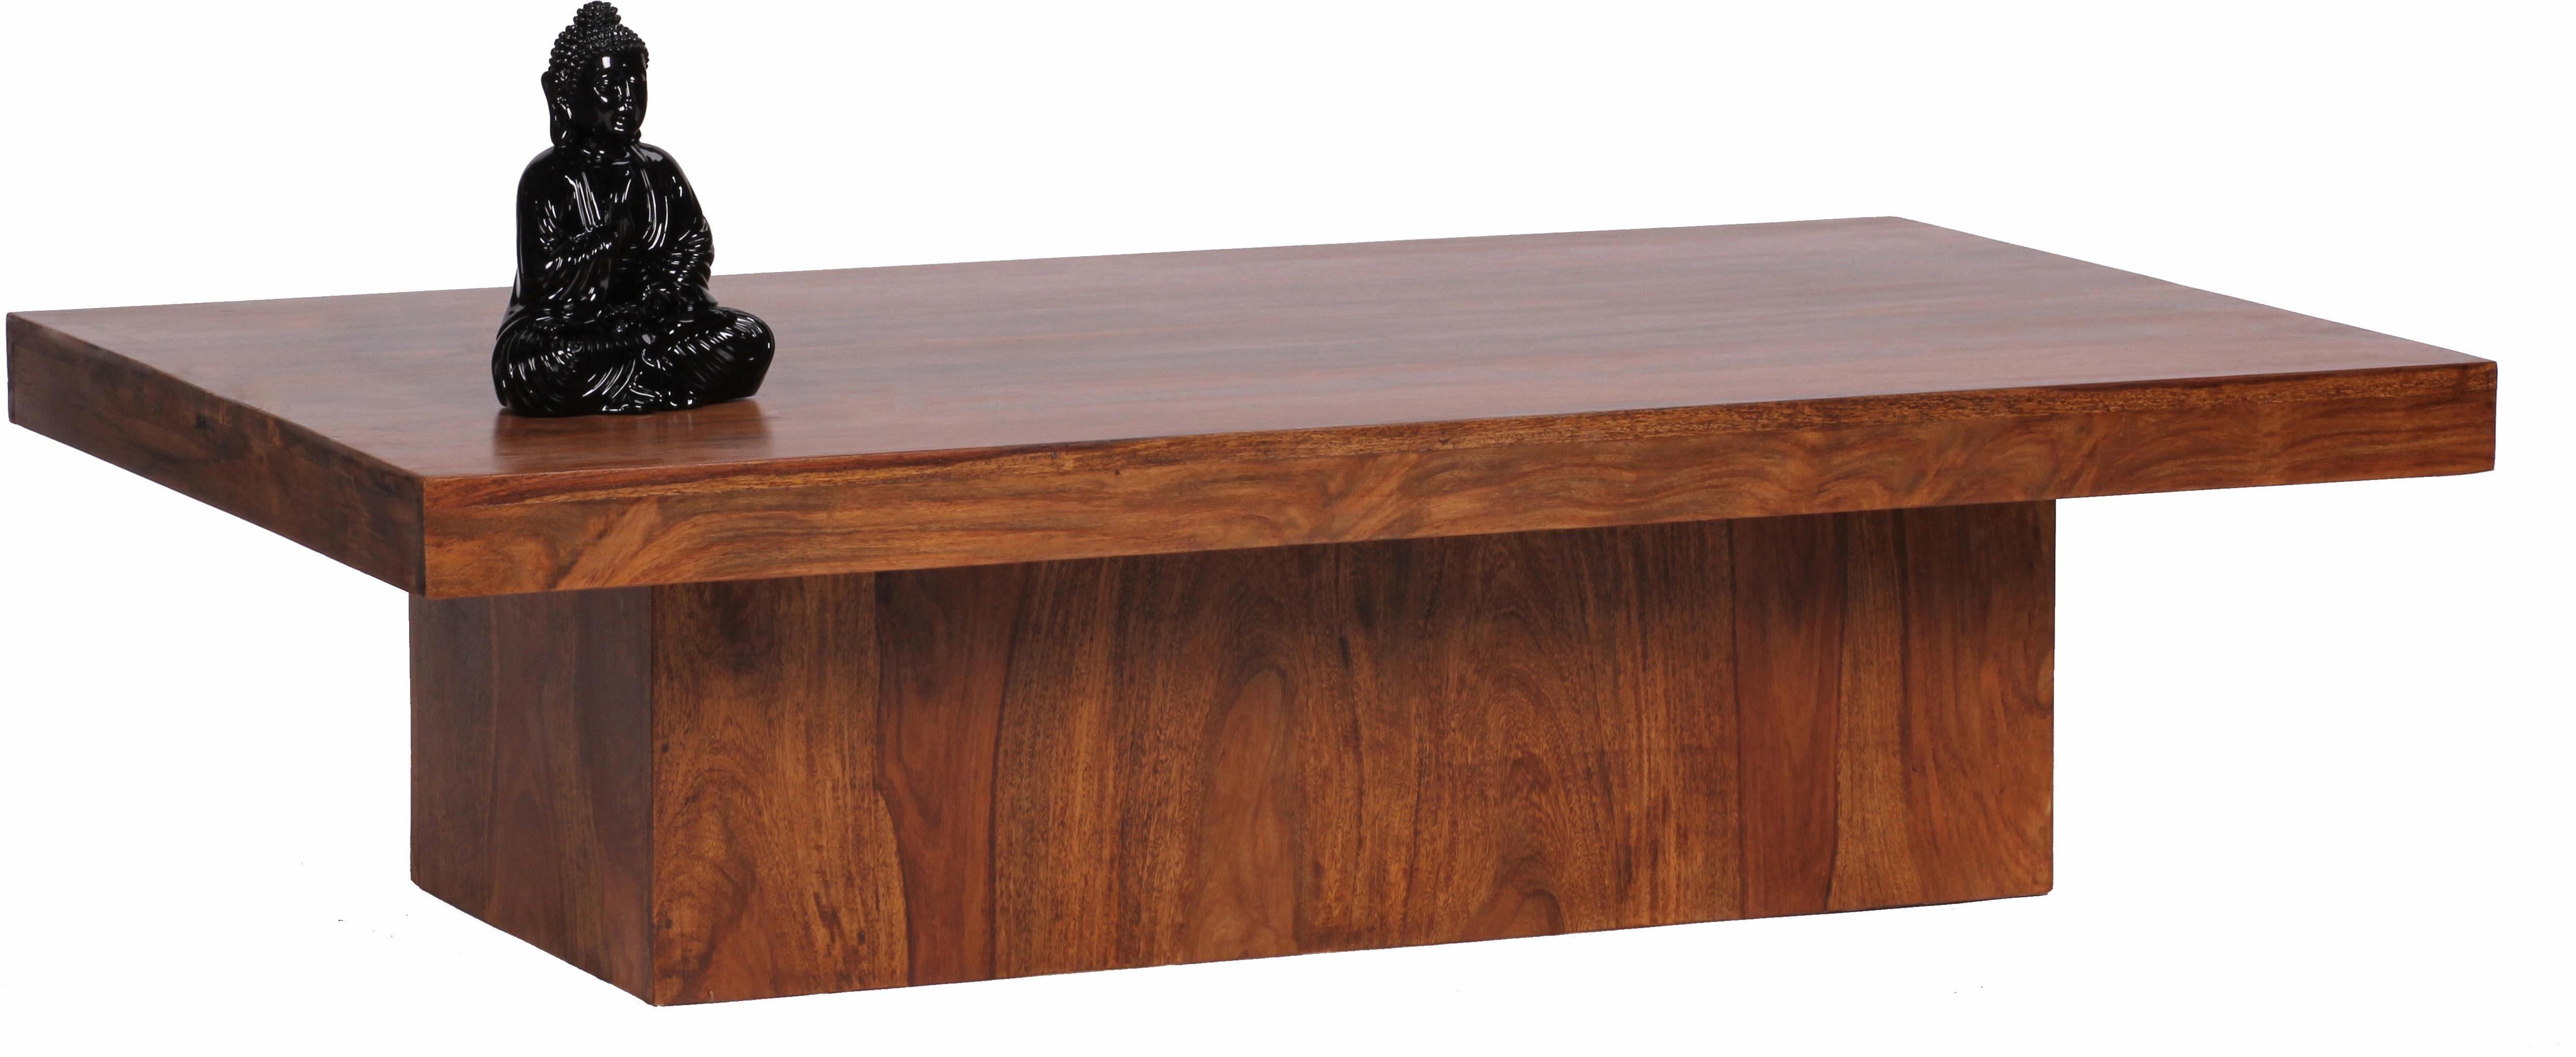 Home affaire Massivholz Couchtisch »Akela«, 120 cm breit